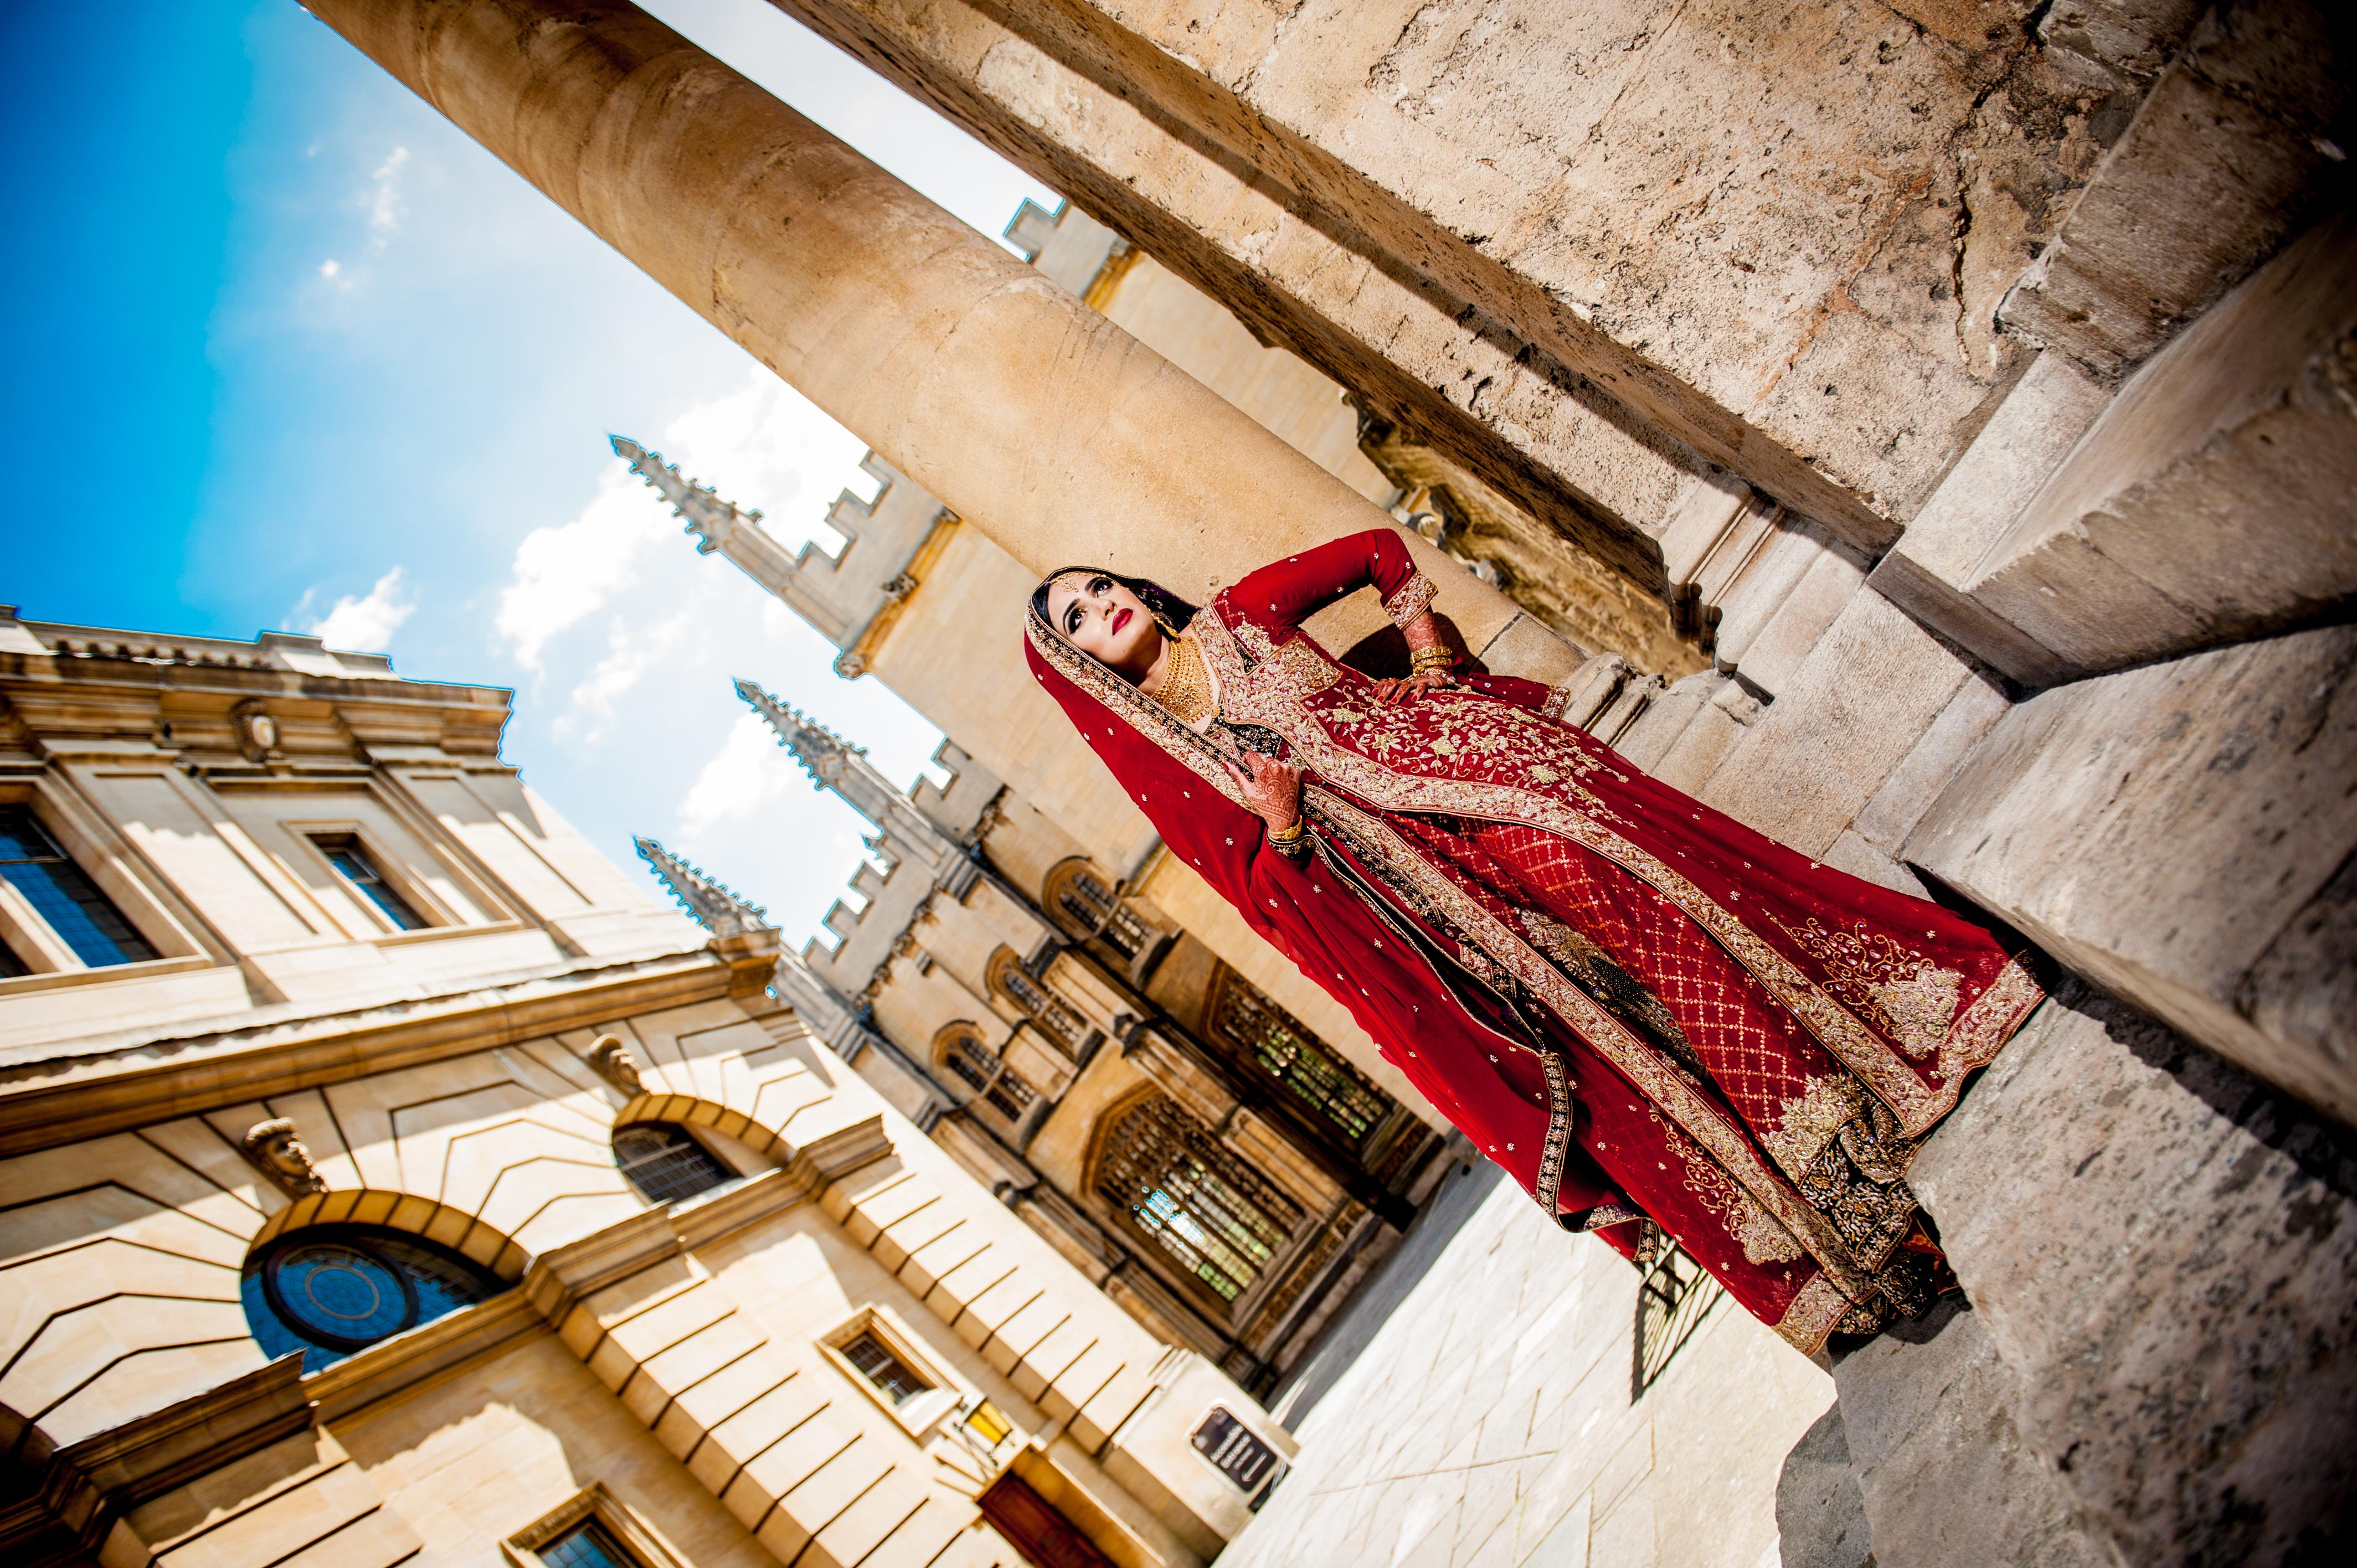 Saima Faradoon